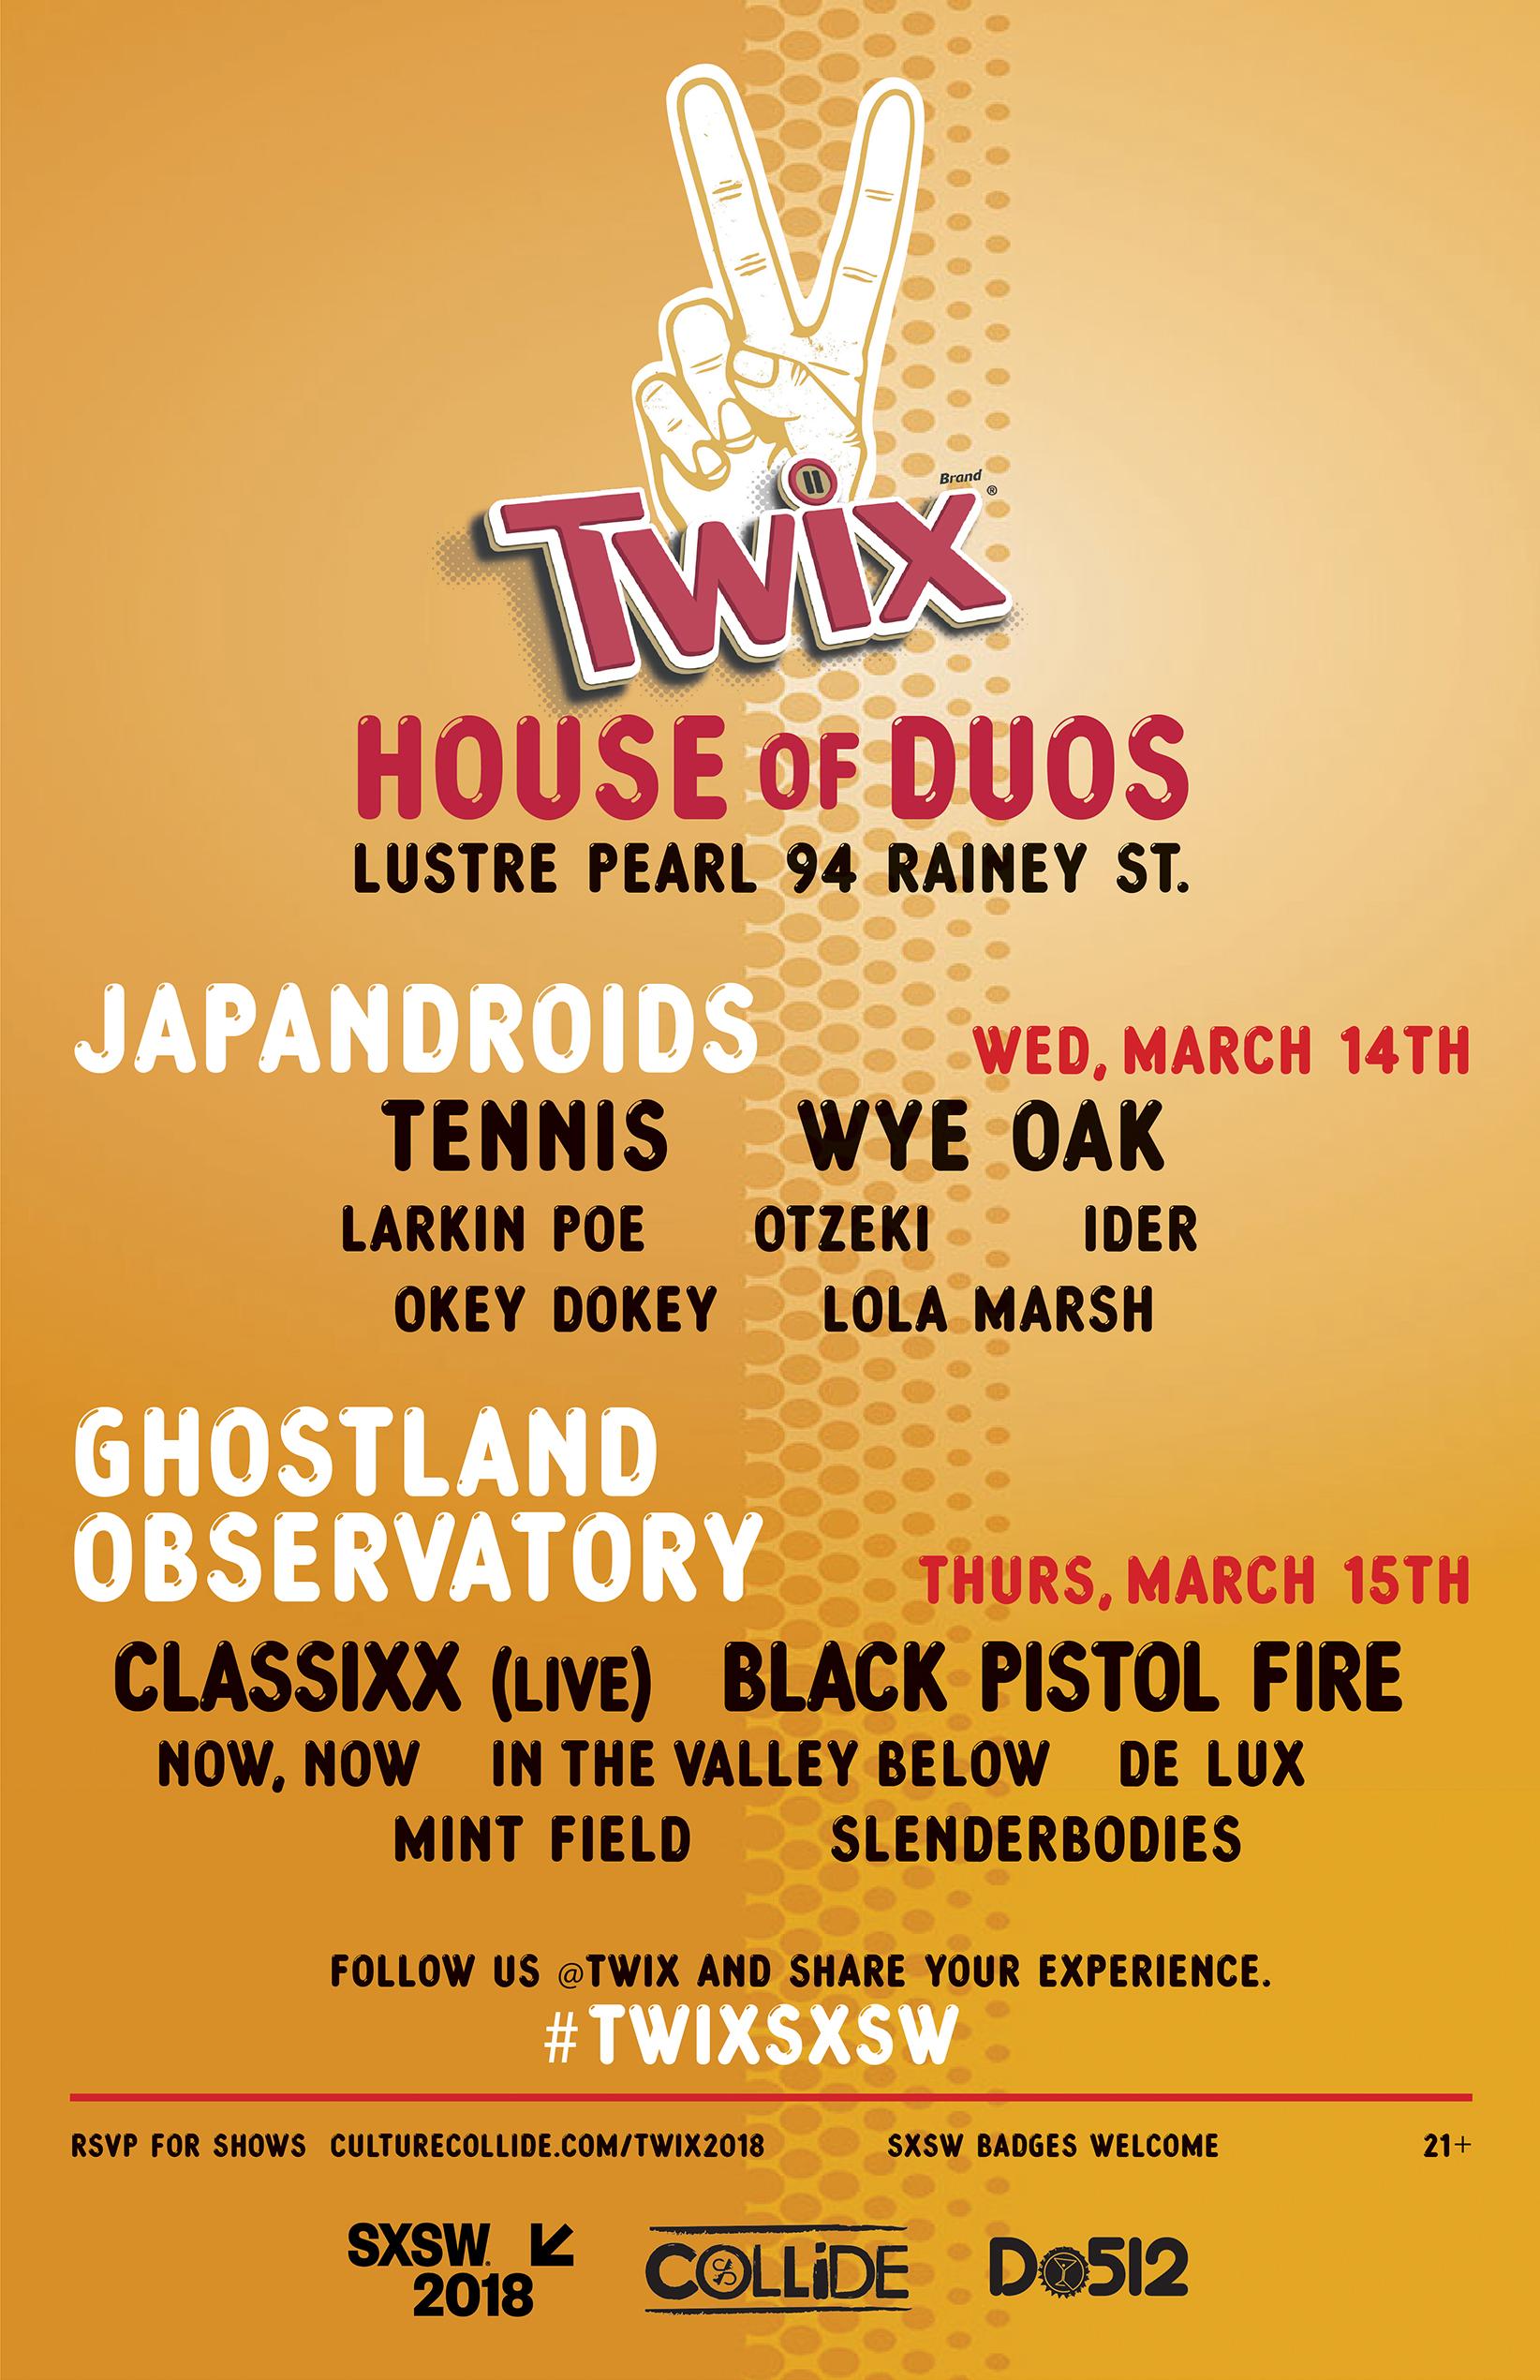 TWIX SXSW 2018 Party